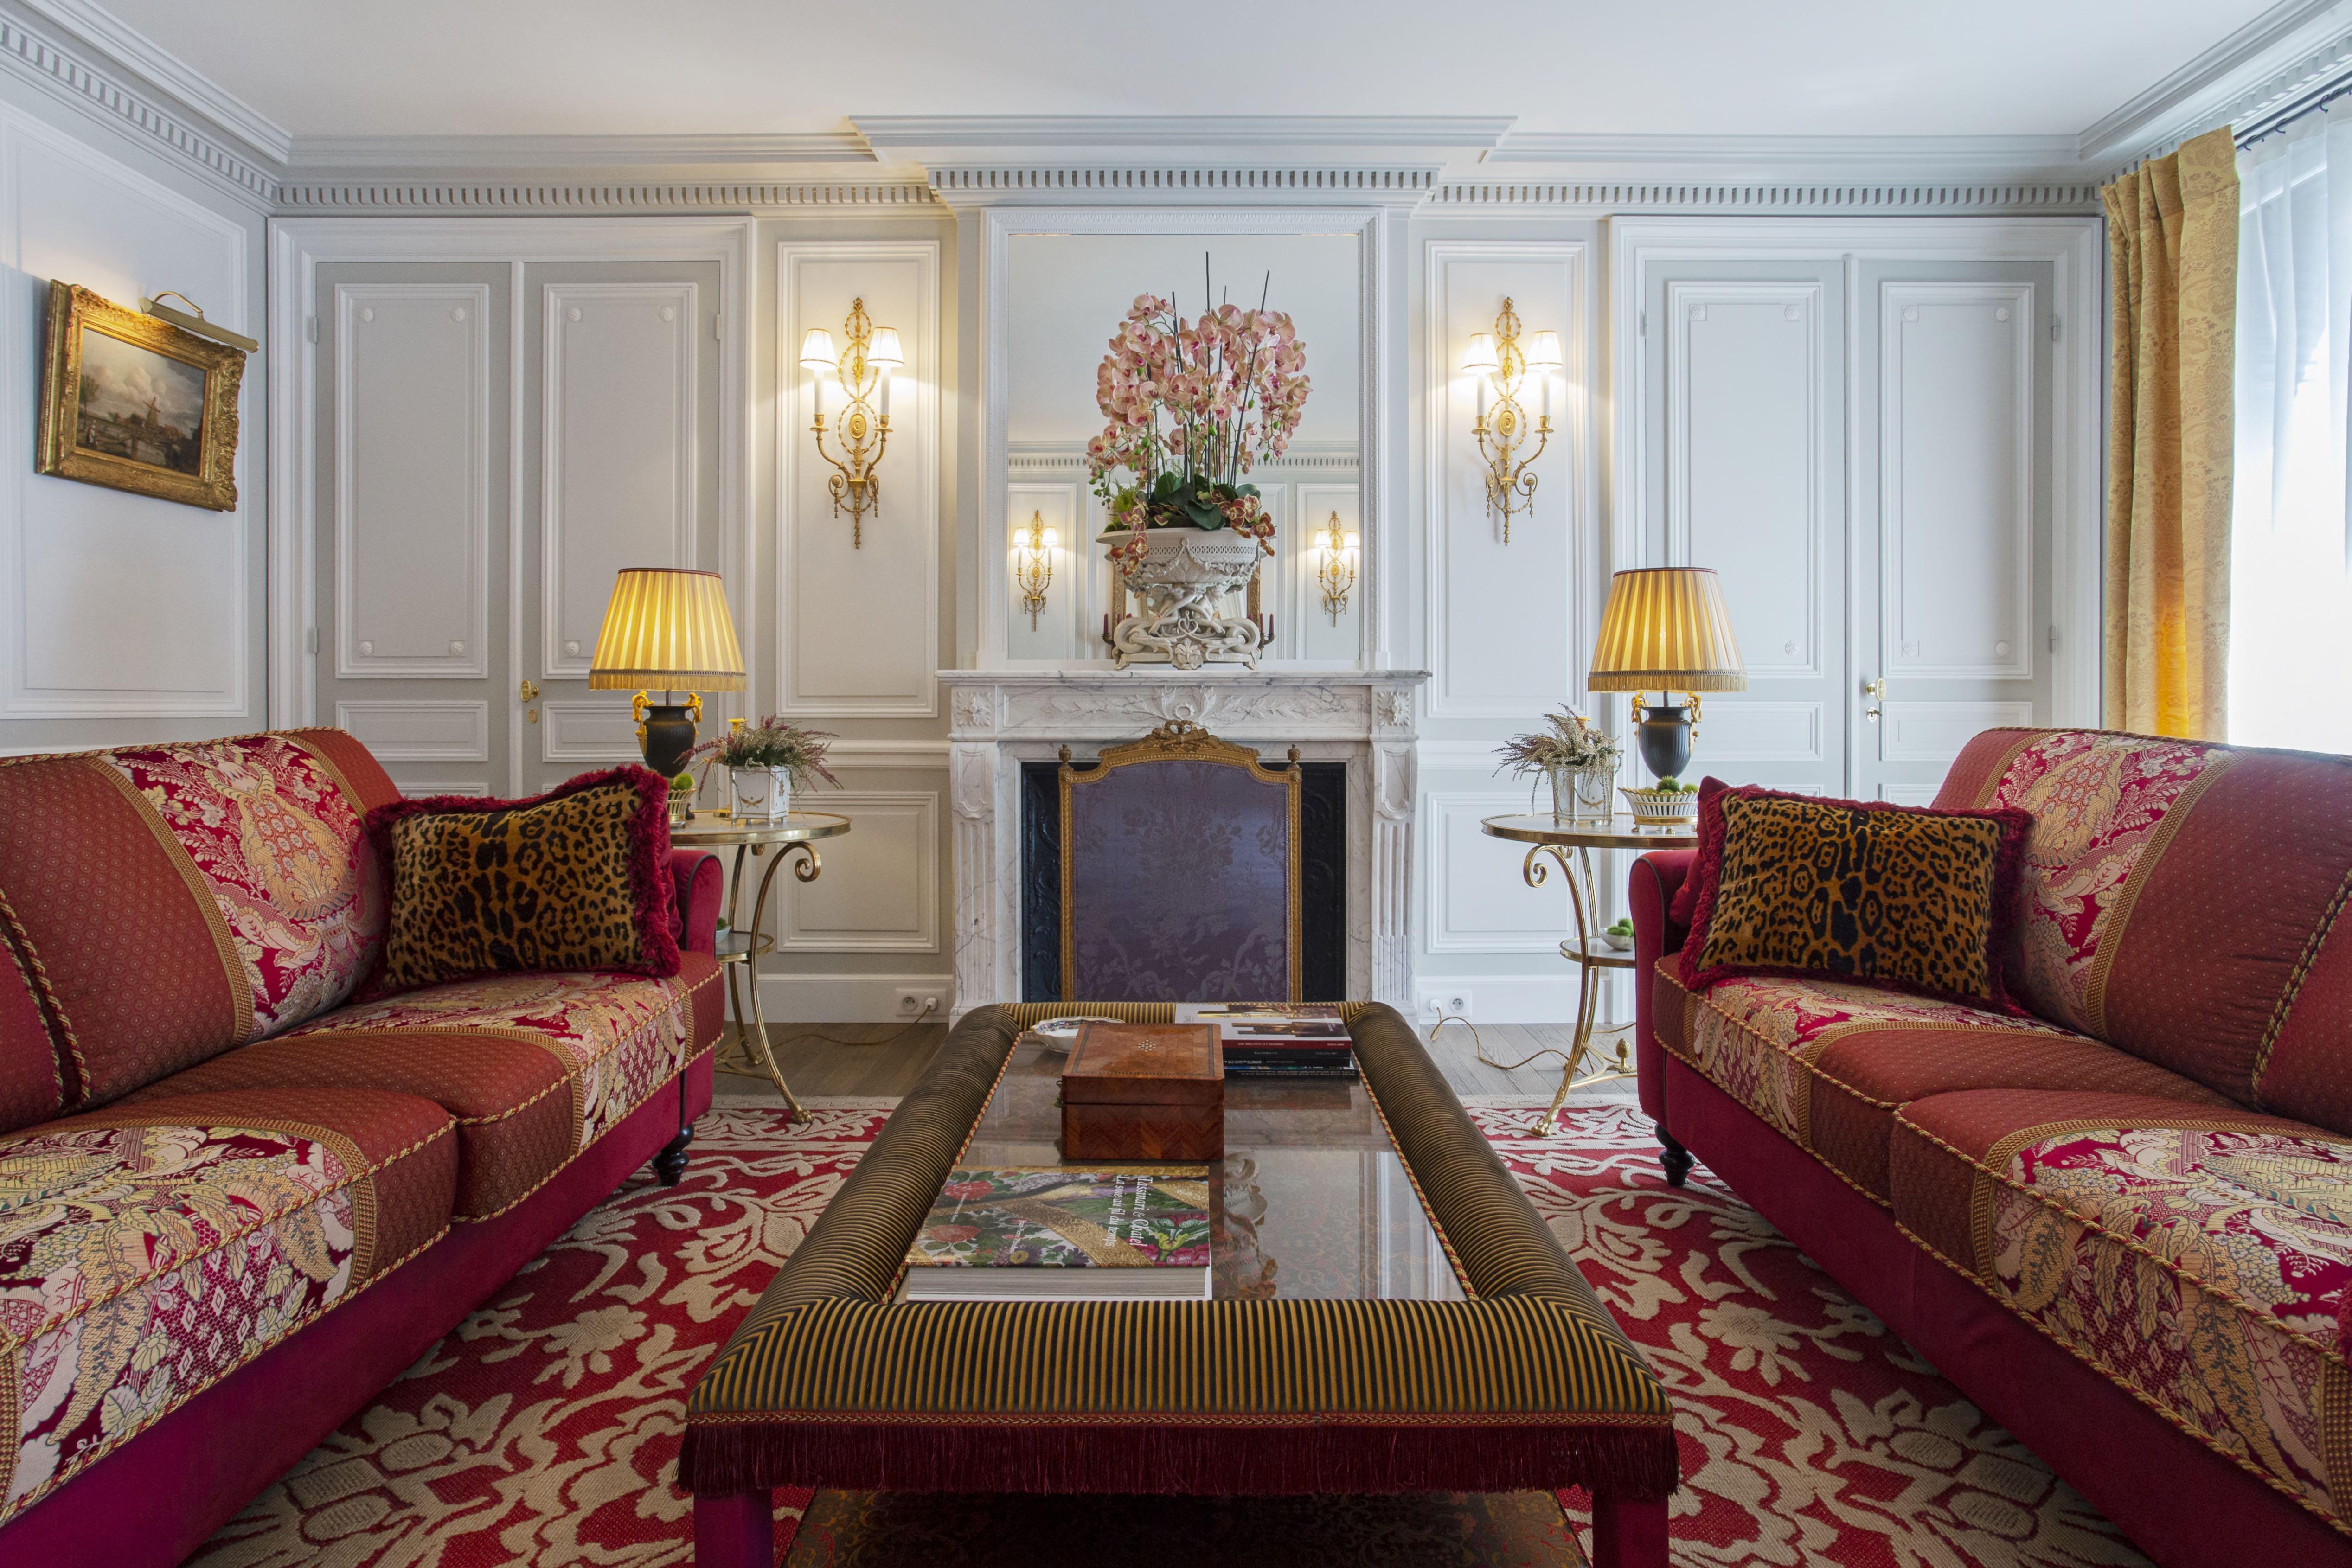 Olivier Berni Intérieurs agence décoration Paris architecture intérieure Saint sulpice paris France 3